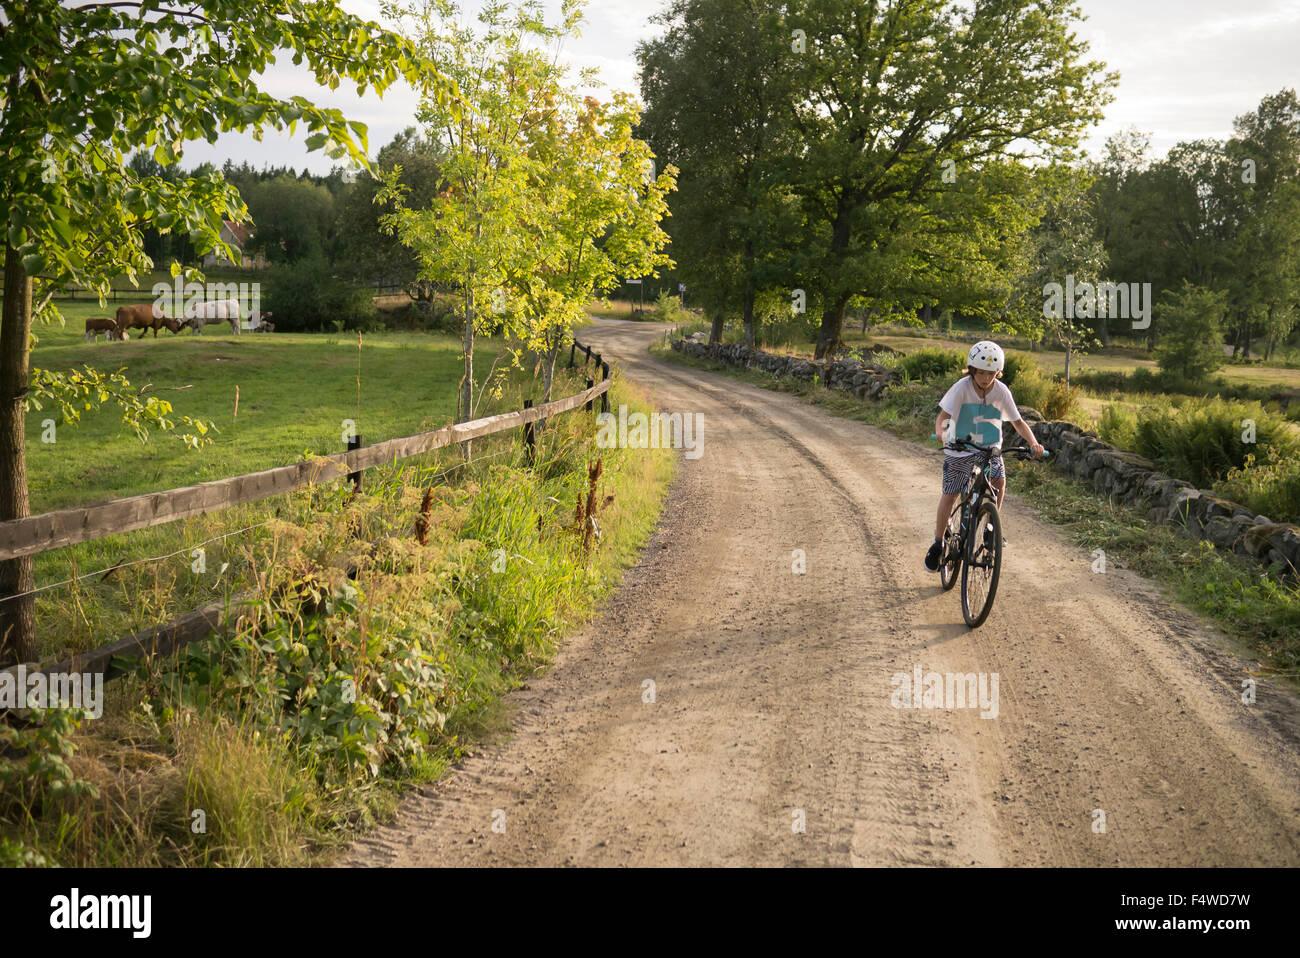 Schweden, Vastergotland, Lerum, Slatthult, jungen (10-11) auf dem Fahrrad im freien Stockbild